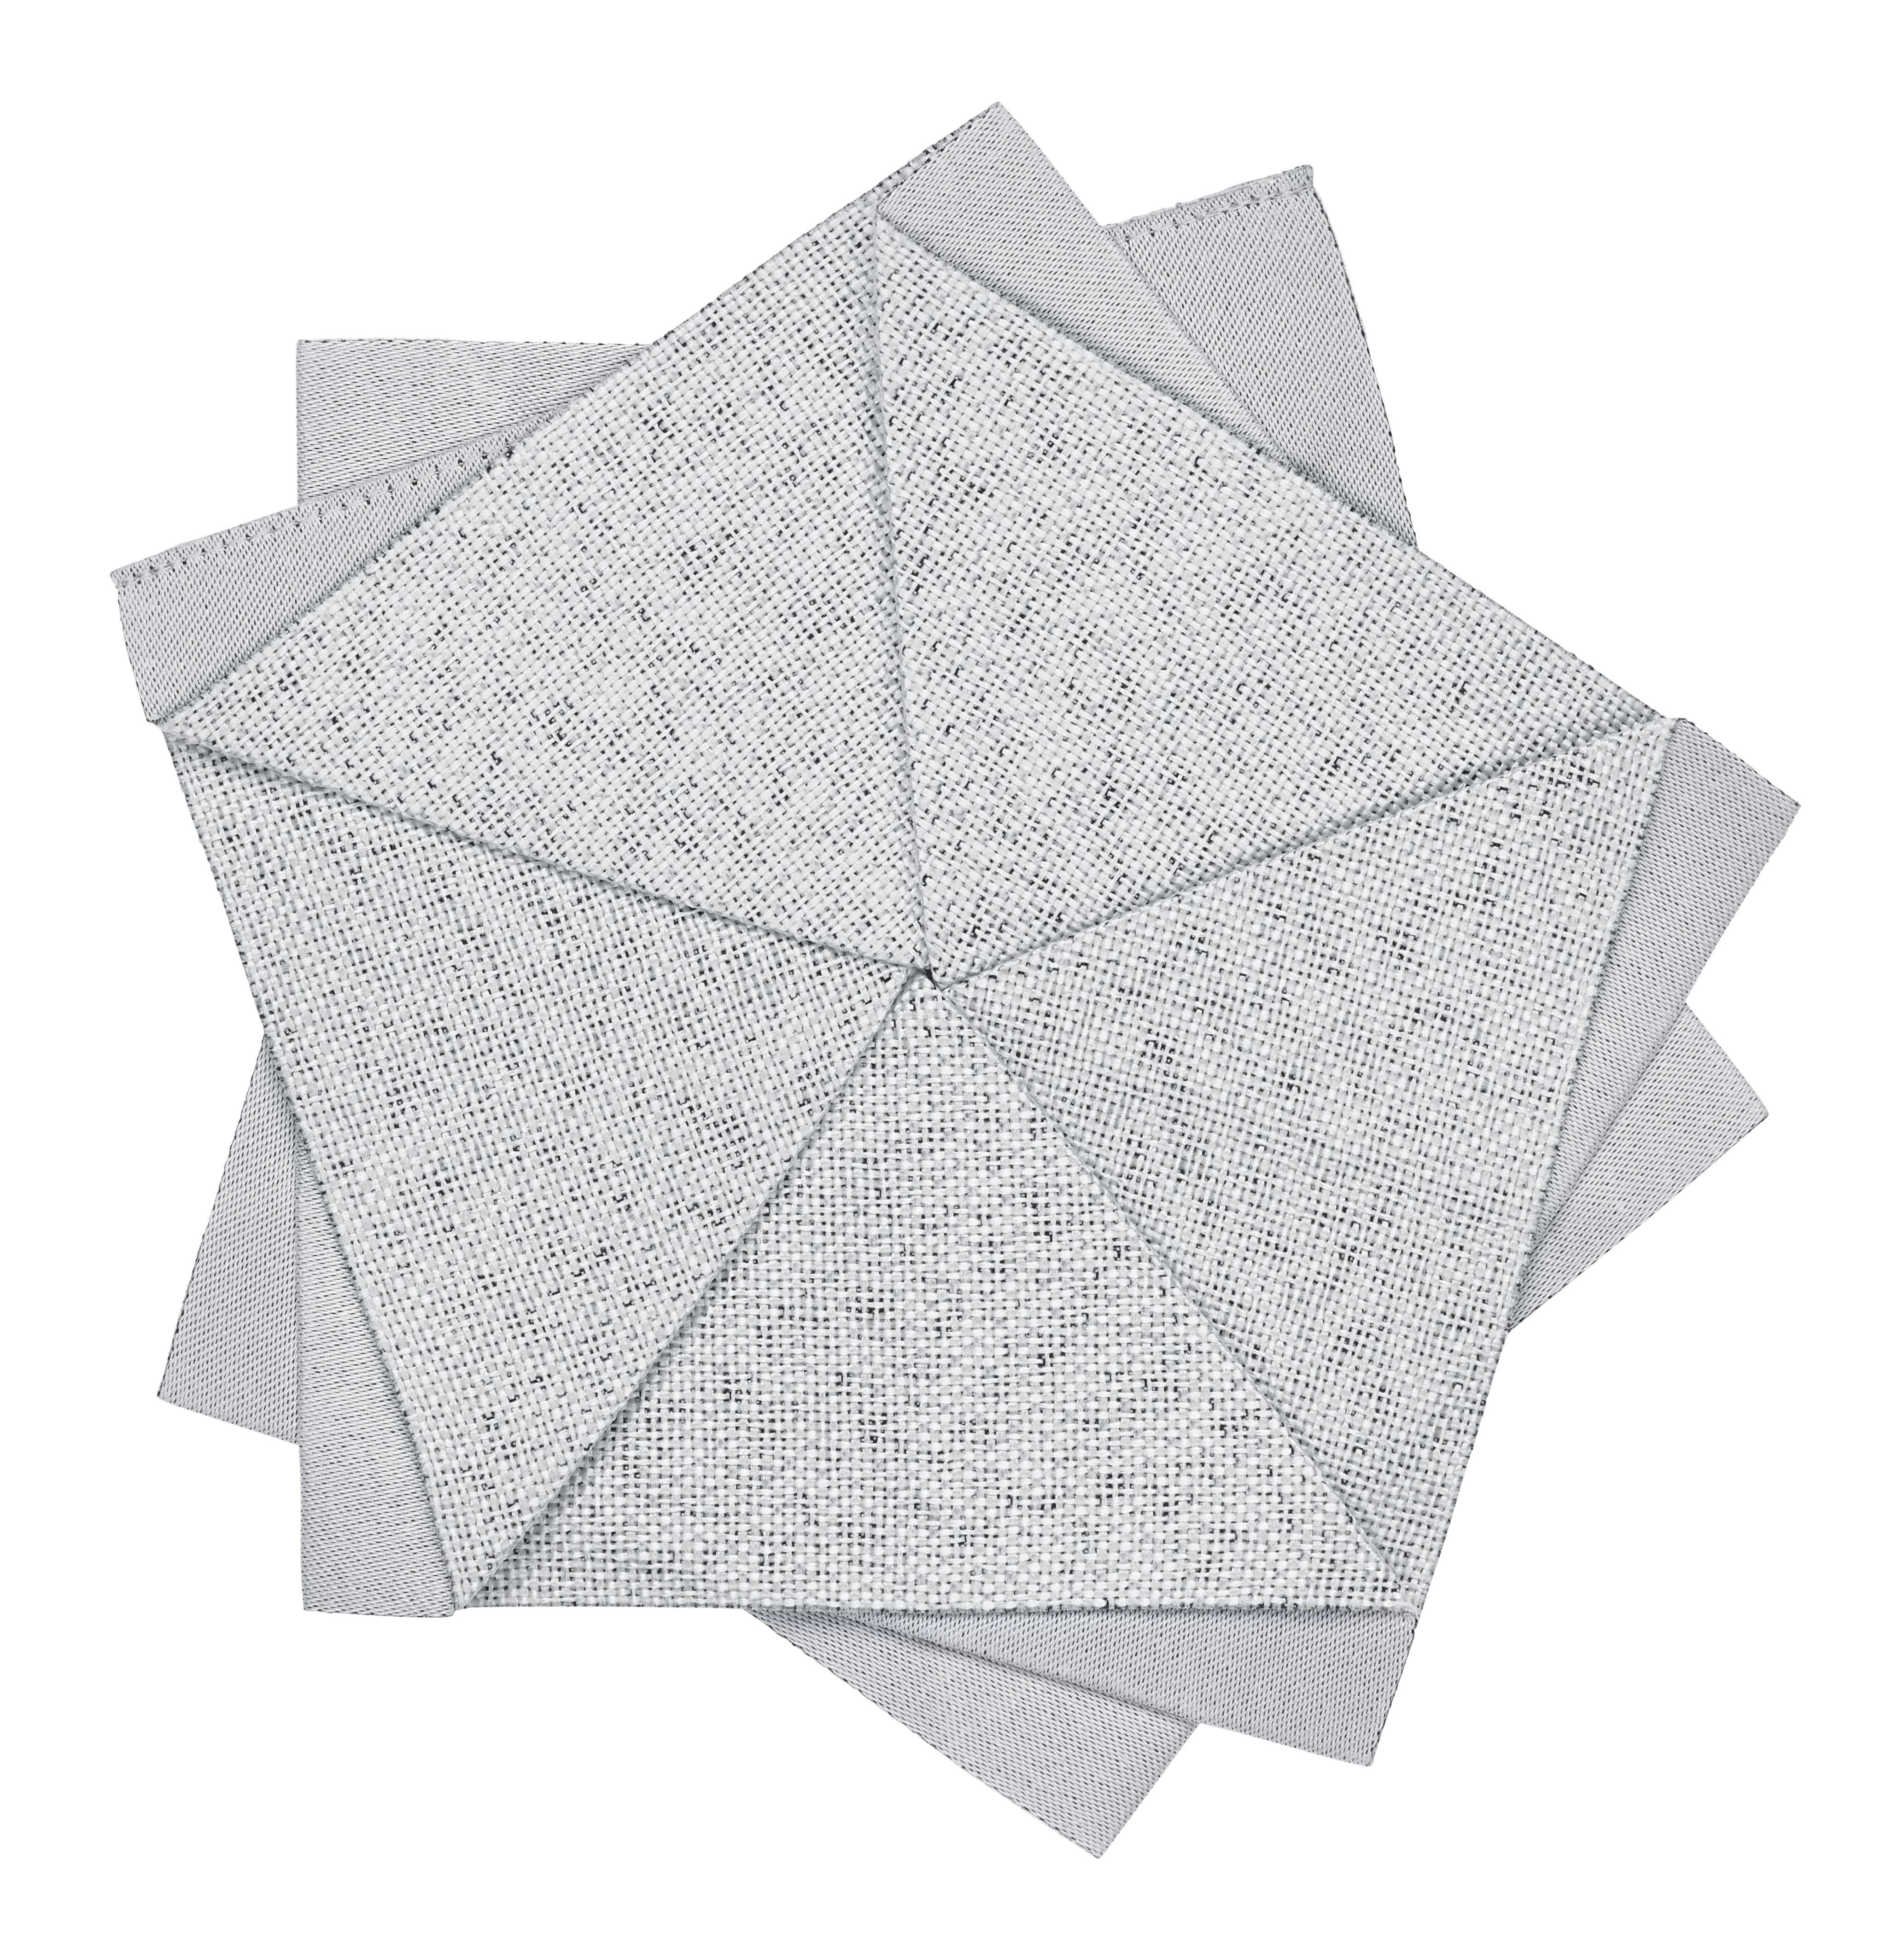 Arts de la table - Nappes, serviettes et sets - Décoration Iittala X Issey Miyake / Fleur de table - Ø 15 cm - Iittala - Gris clair - Polyester